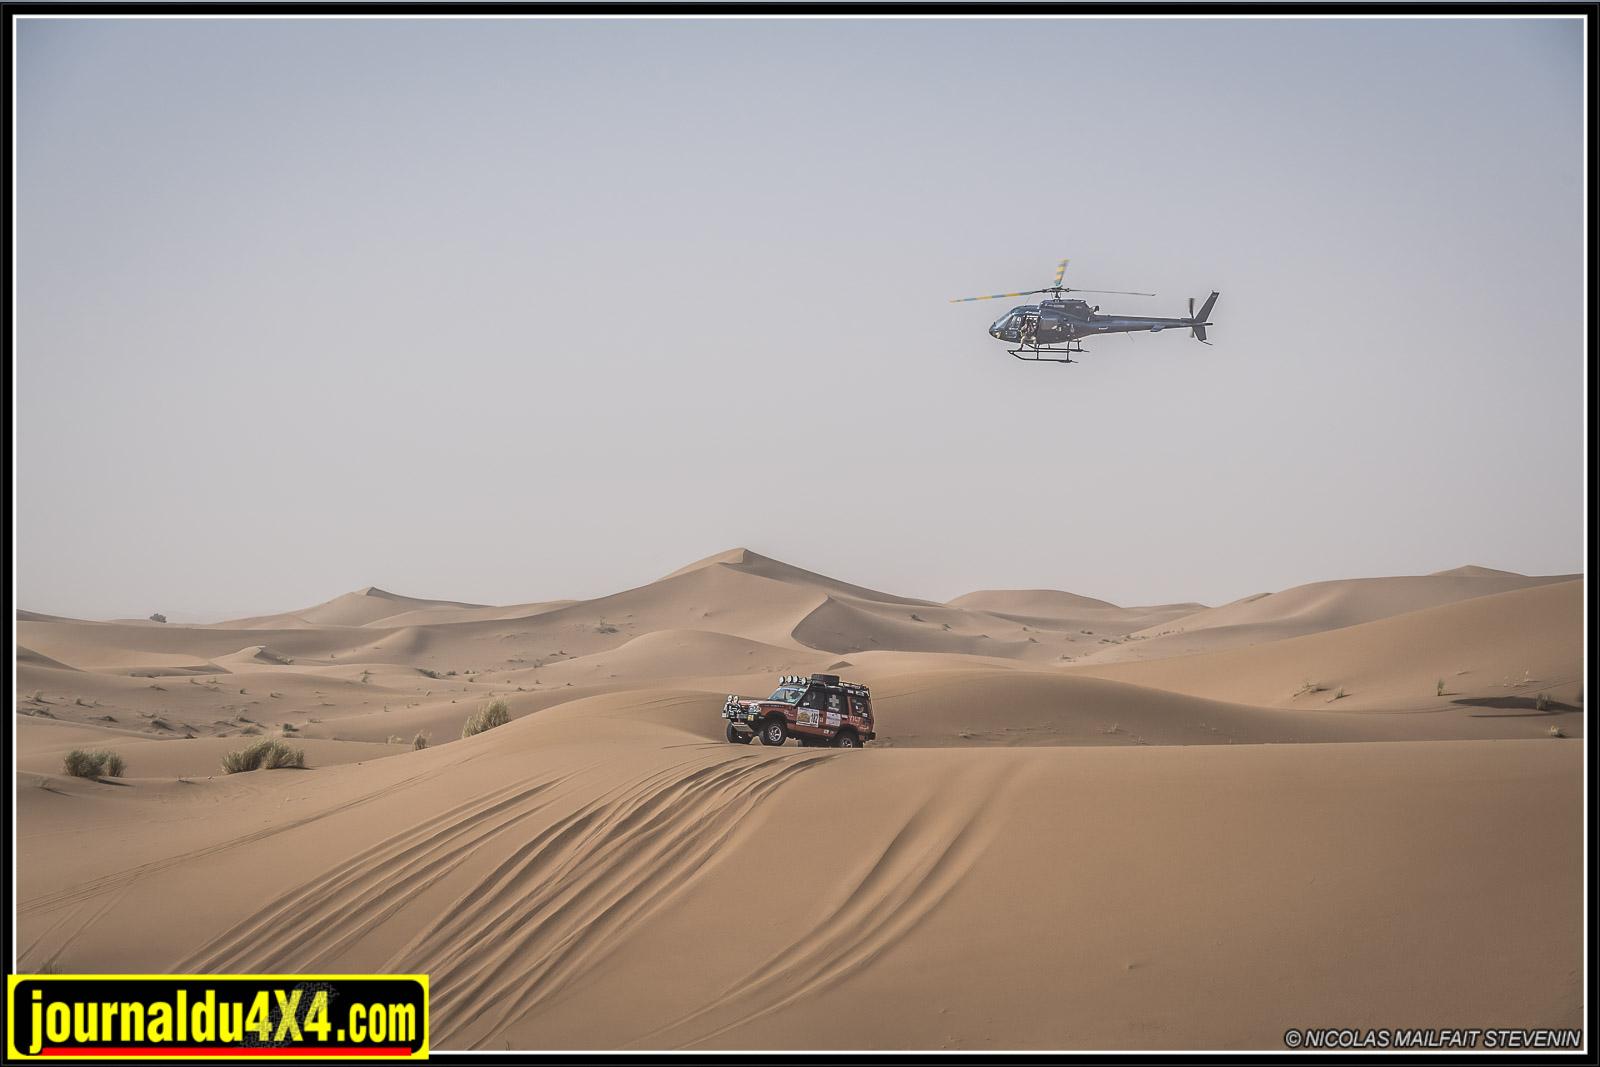 rallye-aicha-gazelles-maroc-2017-7617.jpg